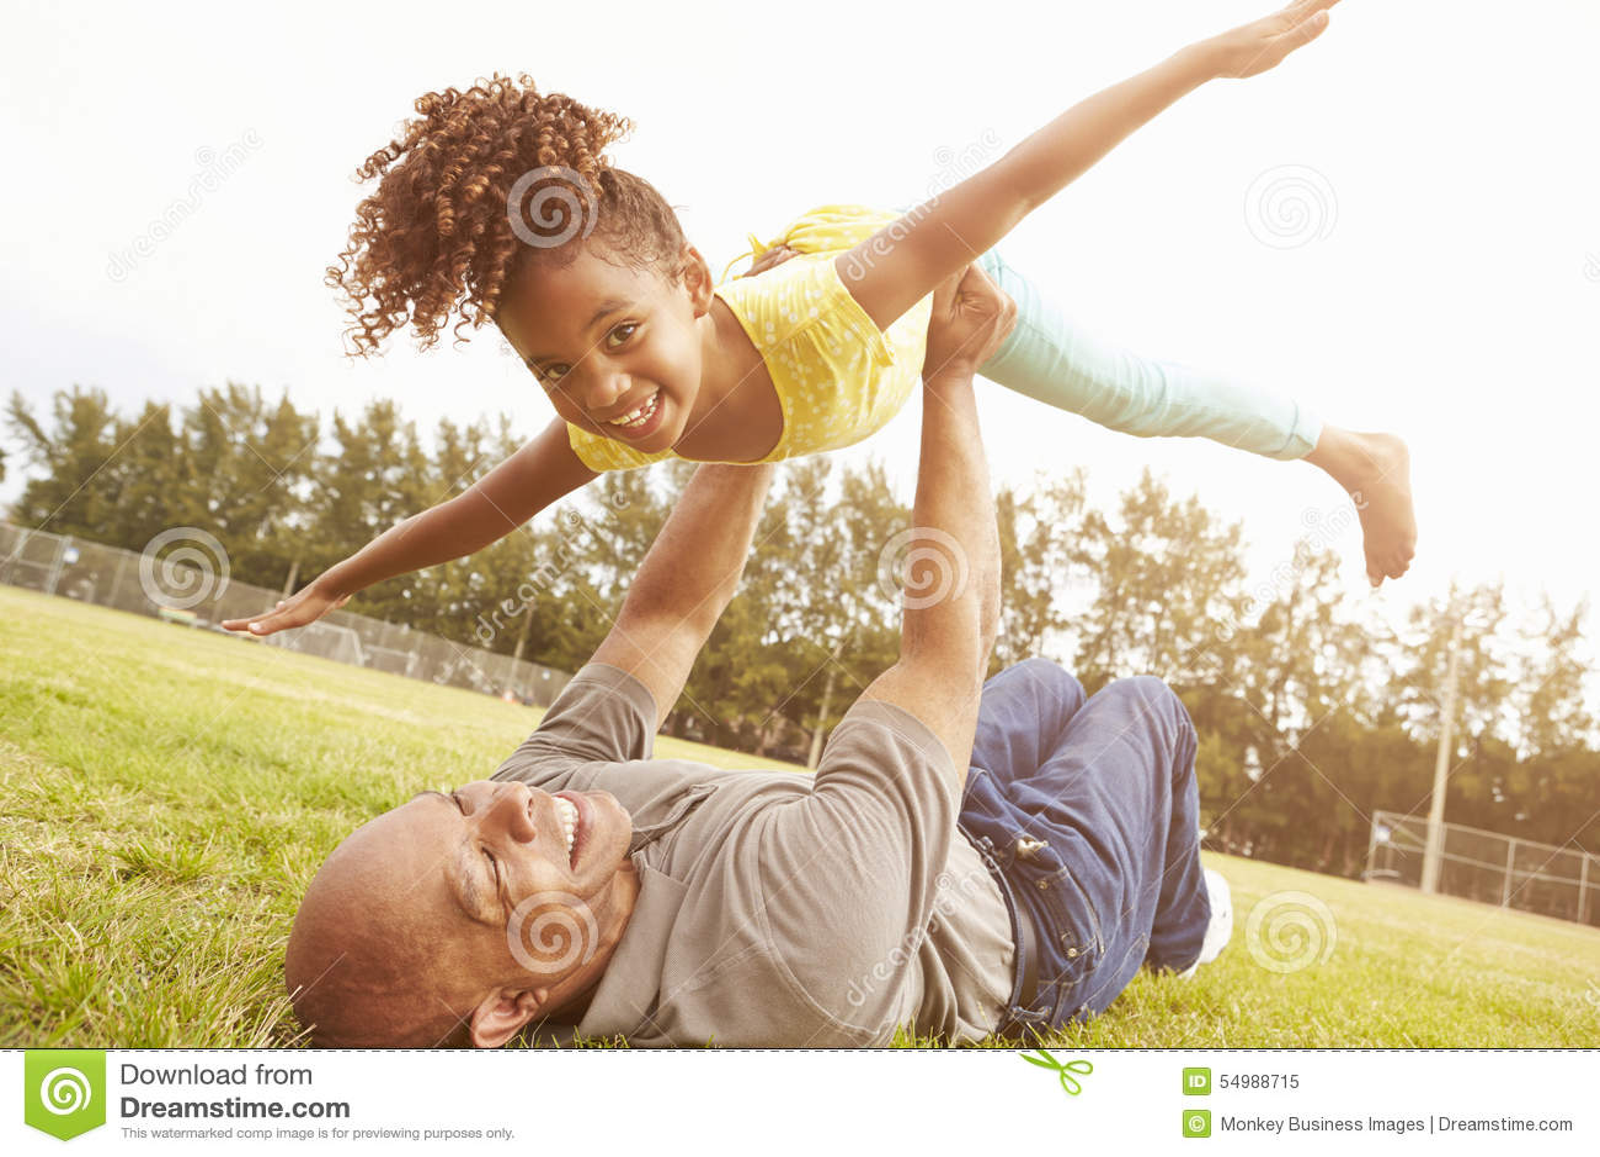 Farfadern som spelar leken med sondottern parkerar in